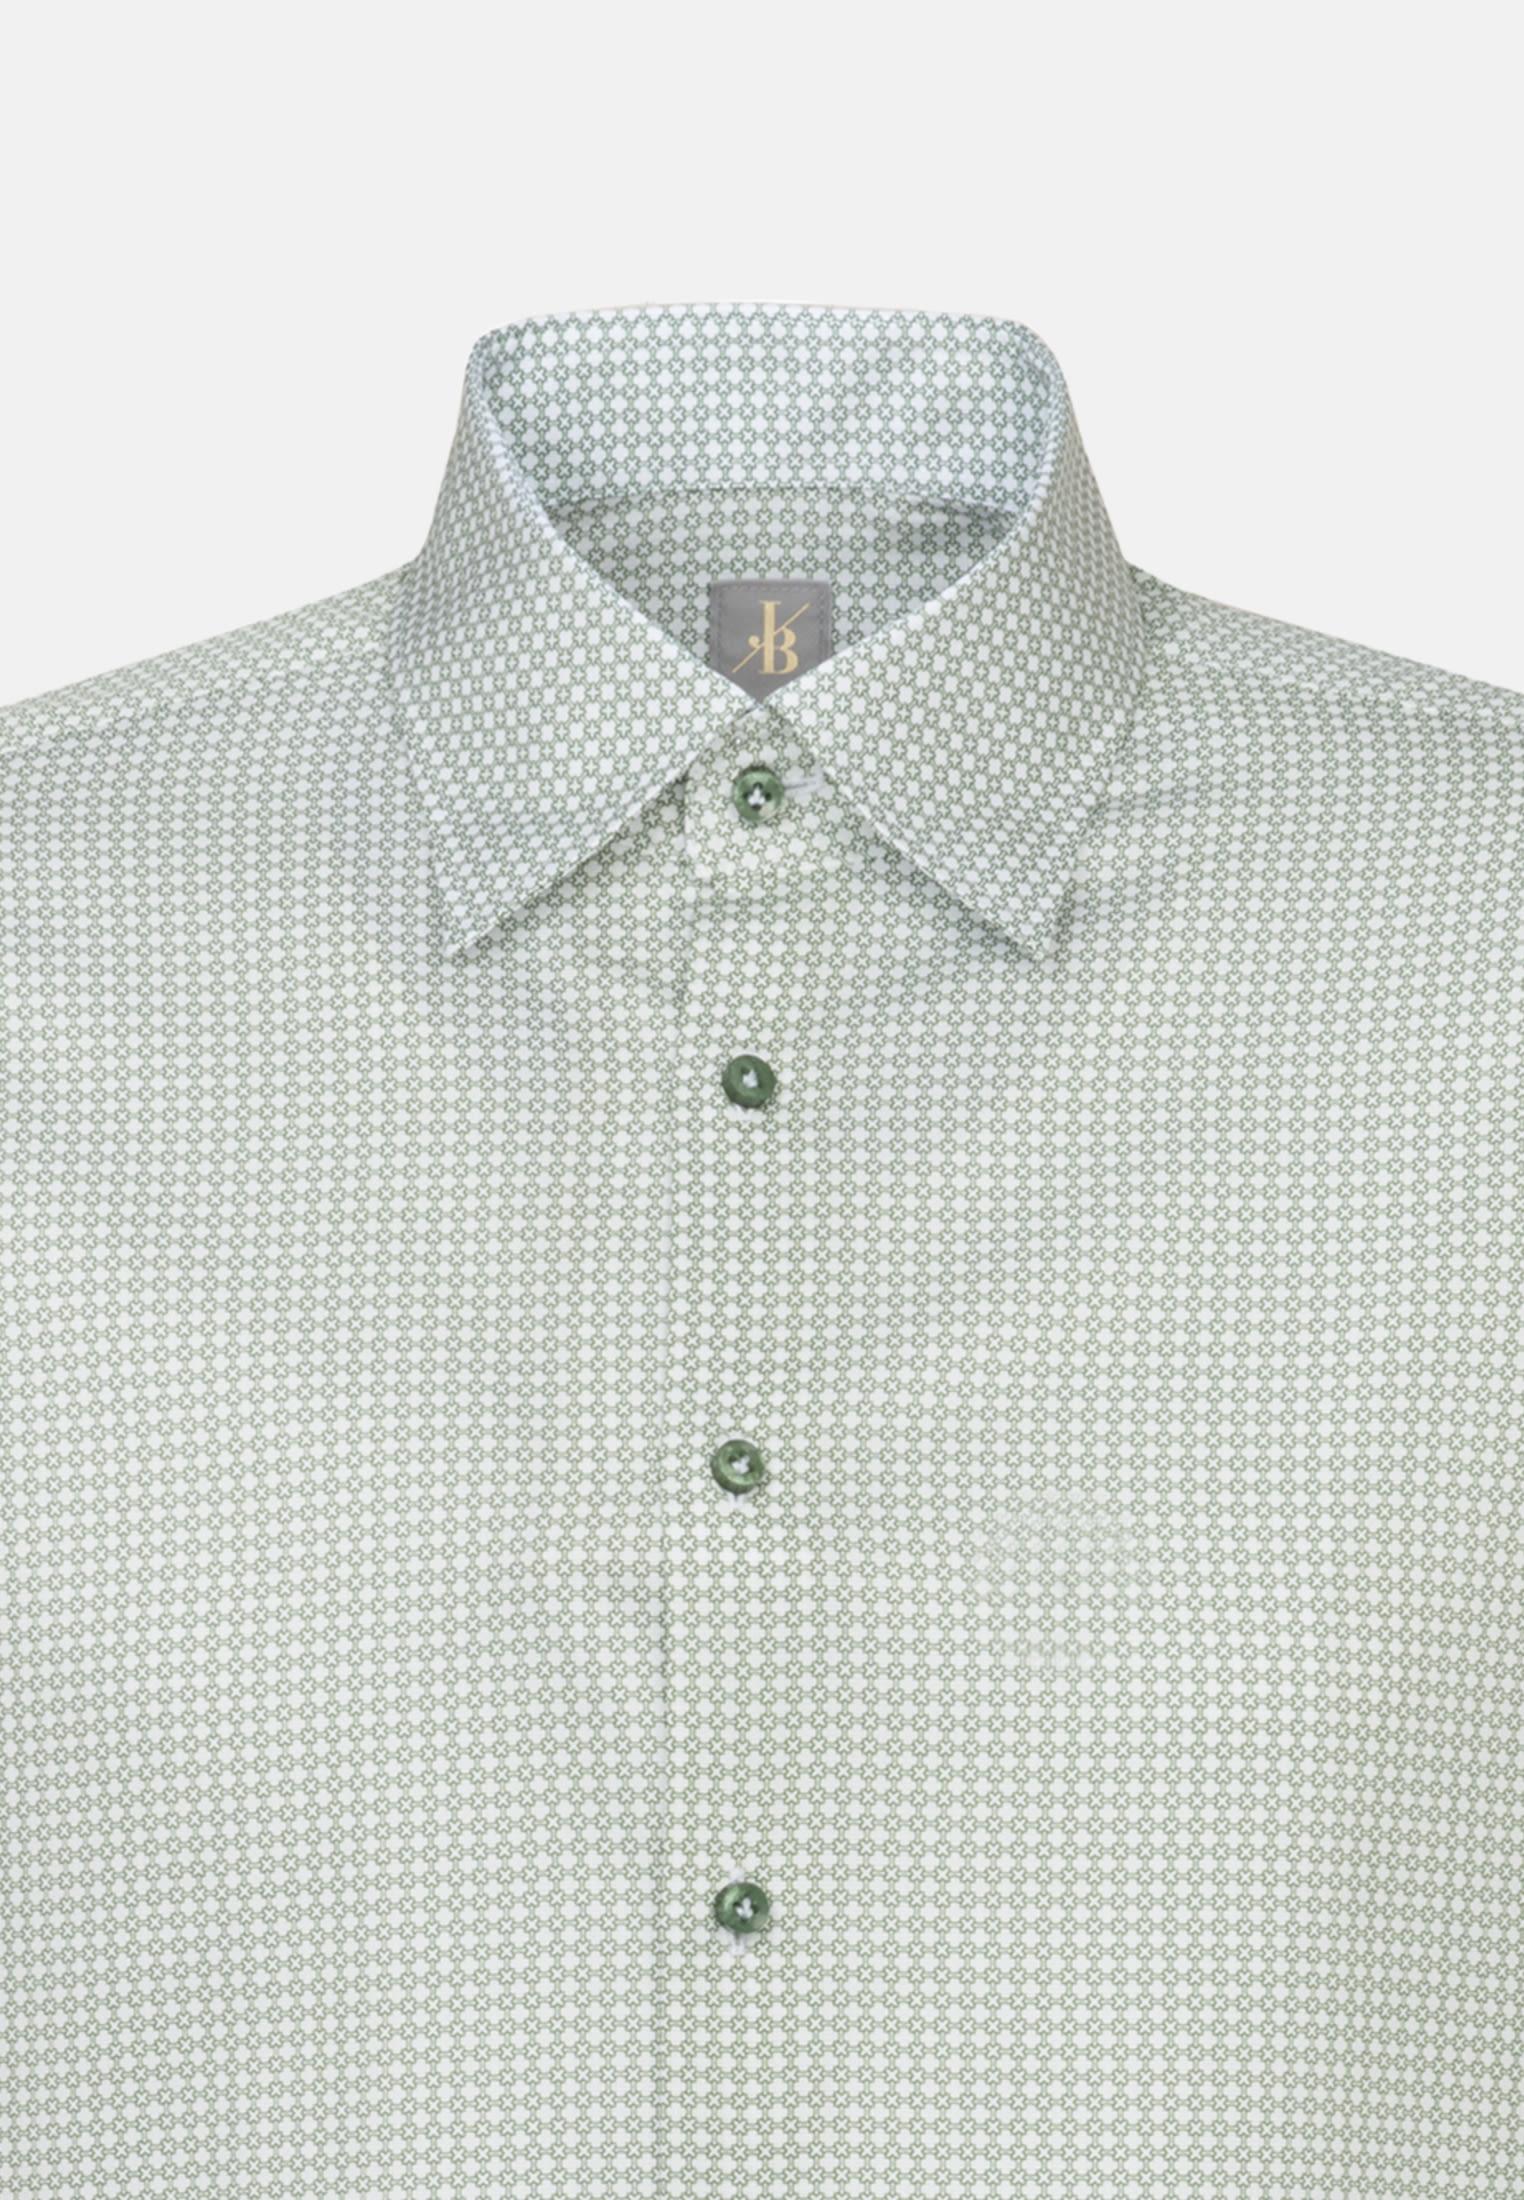 Struktur Business Hemd in Custom Fit mit Under-Button-Down-Kragen in Grün    Jacques Britt Onlineshop